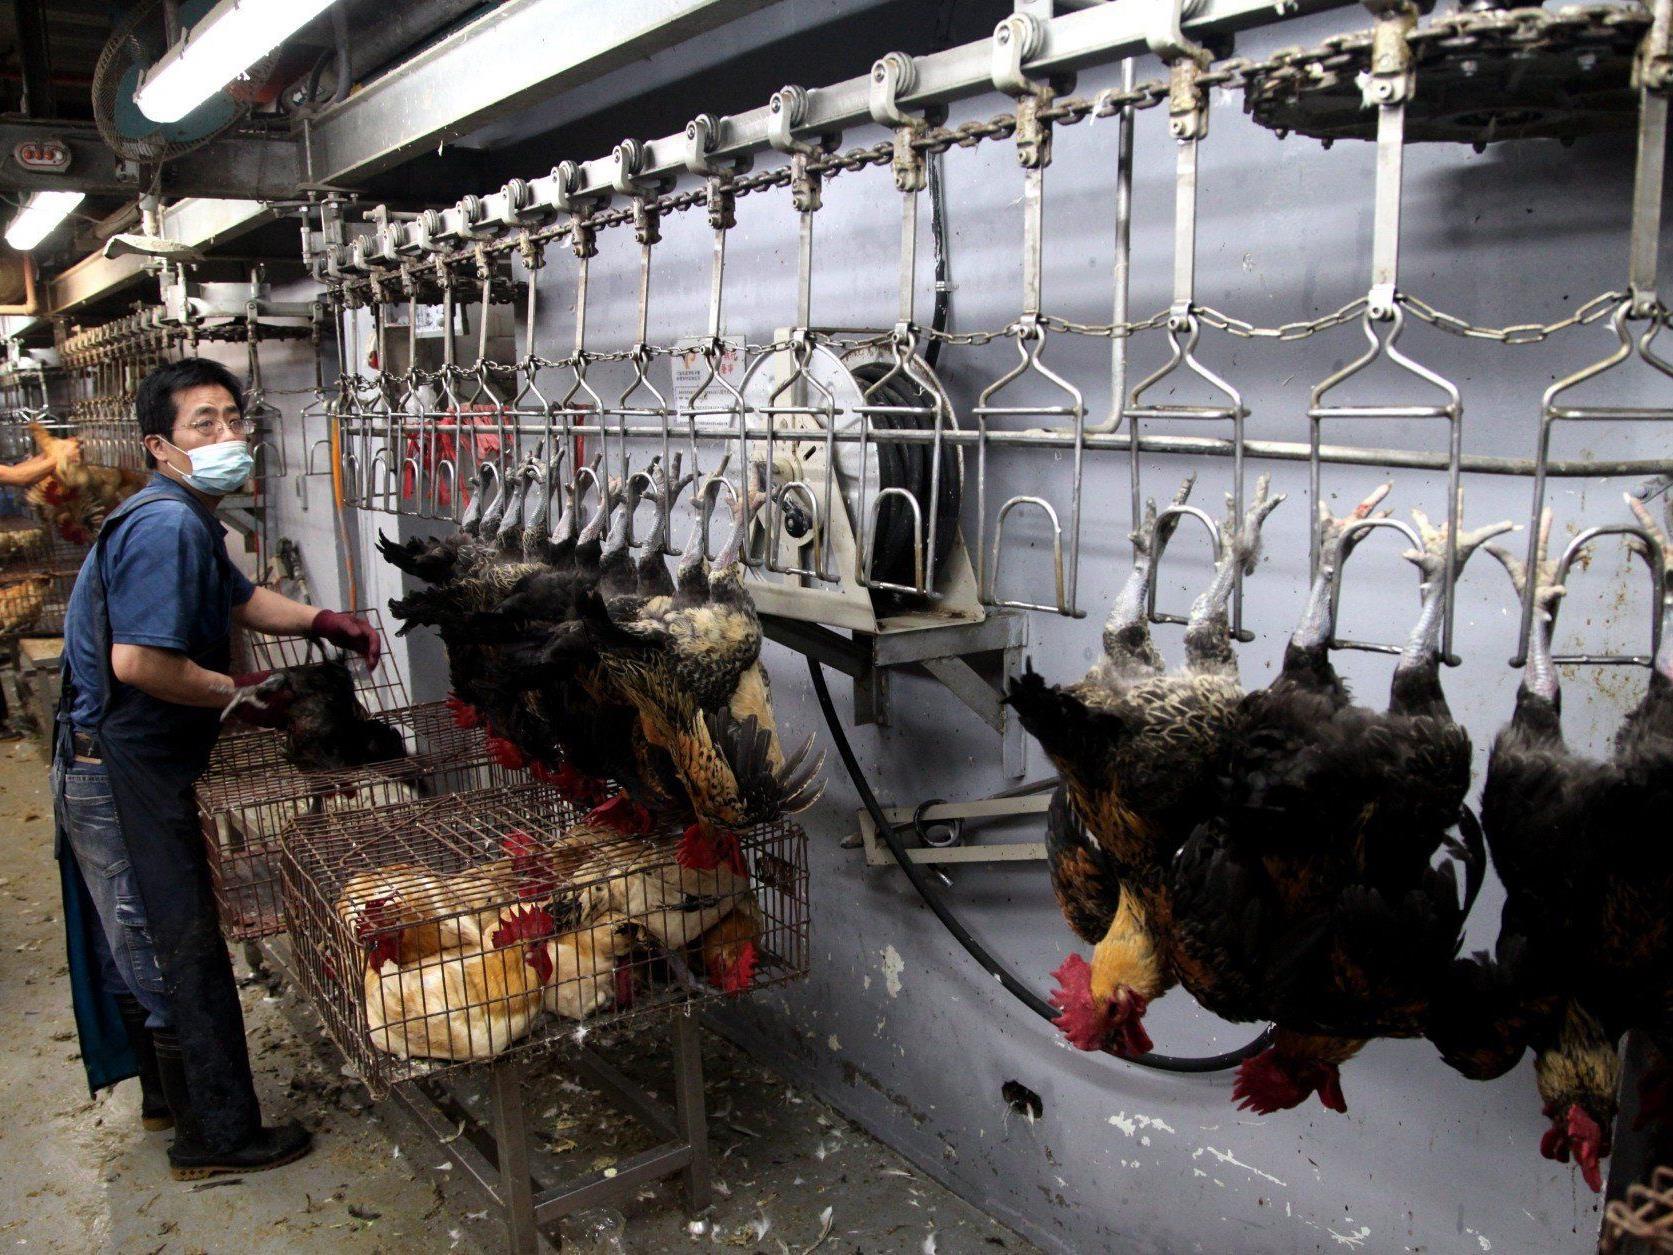 Die Geflügelbranche hat rund 6,5 Mrd. Dollar eingebüßt.